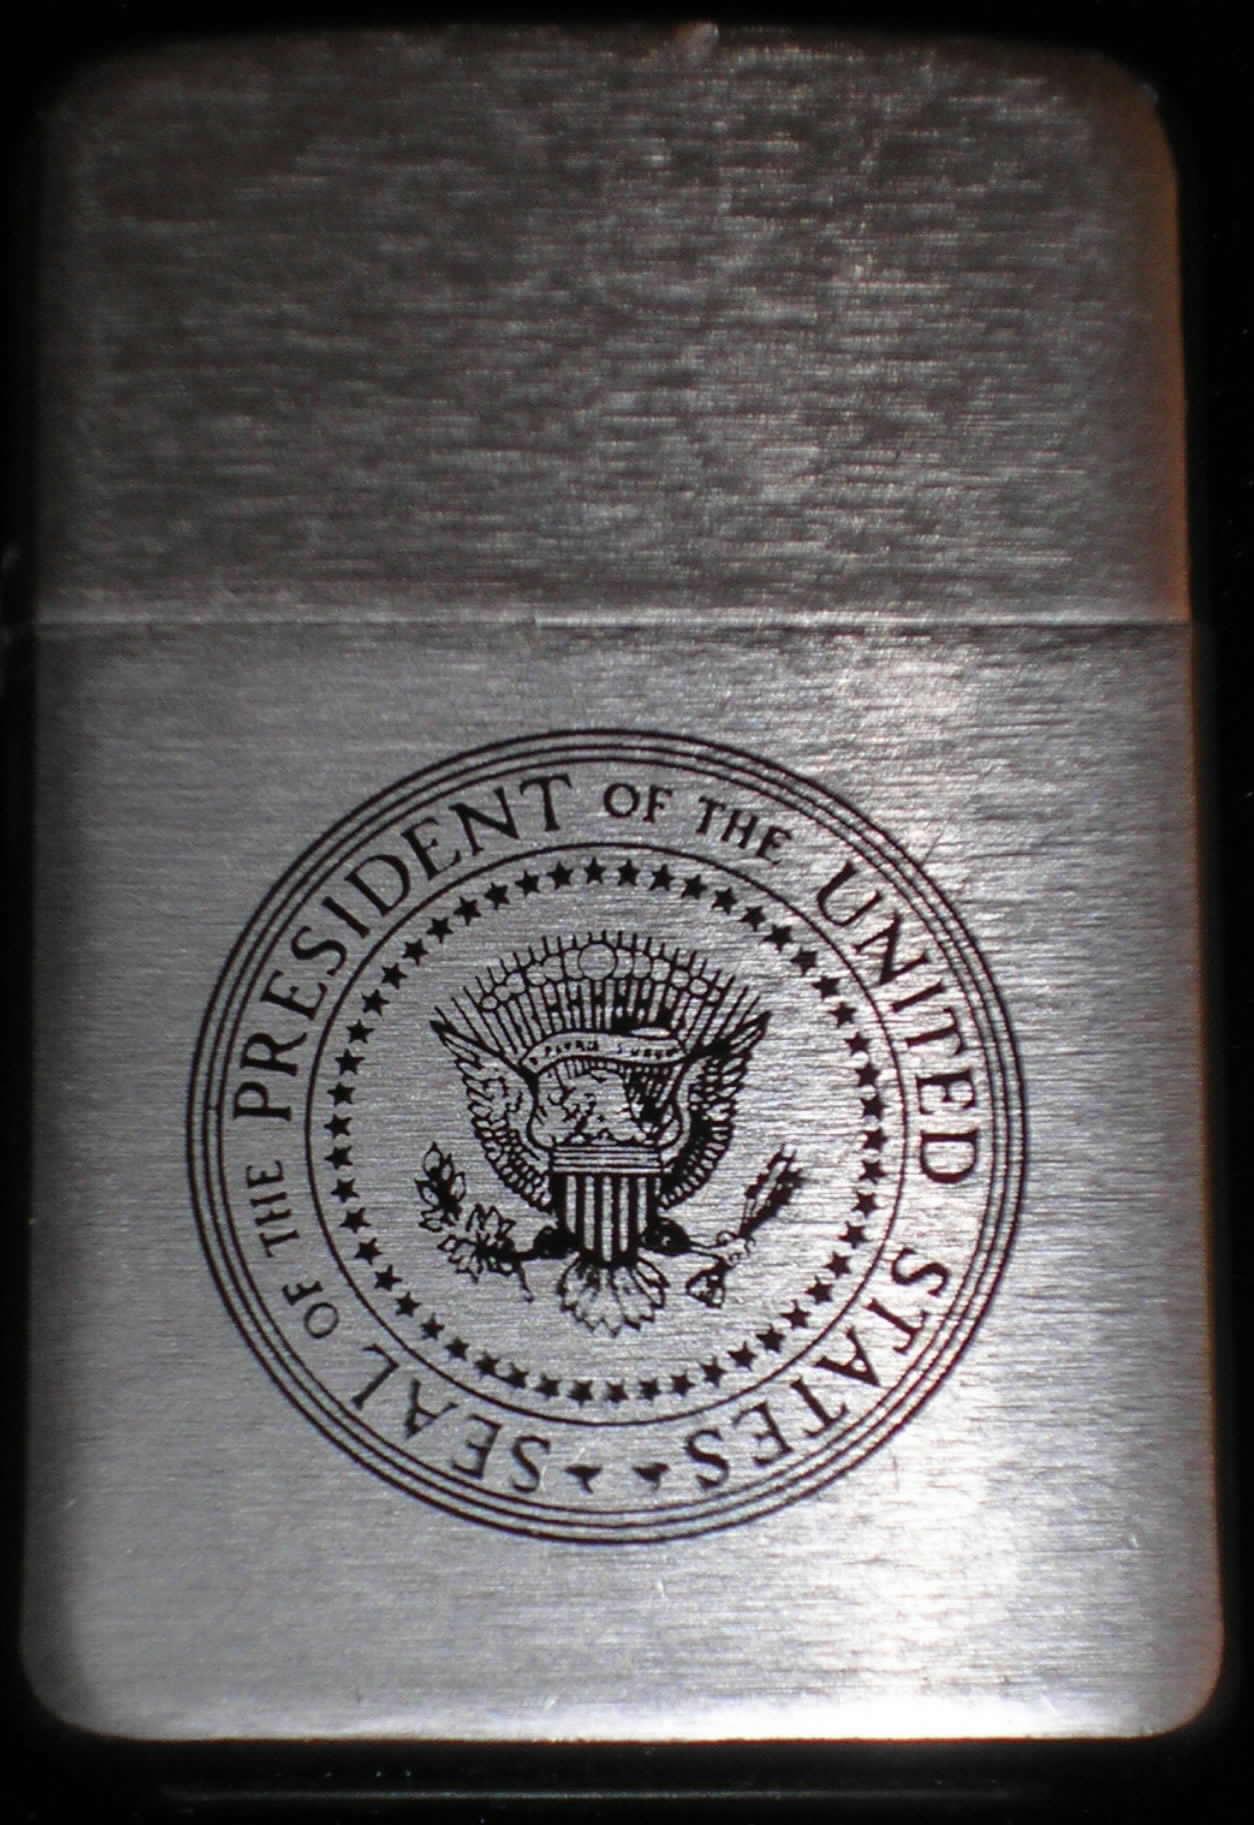 President ReaganMarine One Lighter